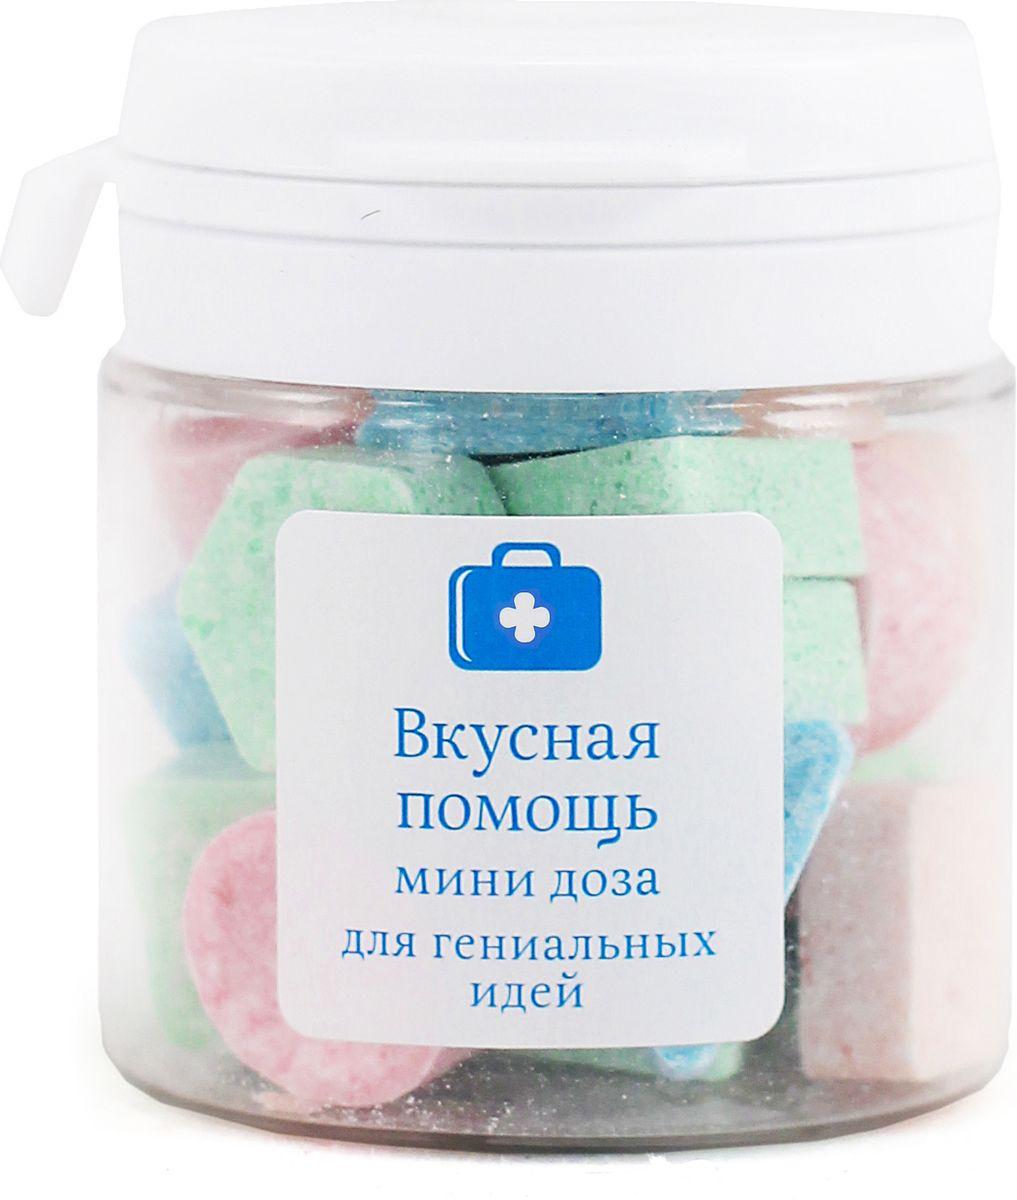 Конфеты Вкусная помощь Для гениальных идей, 38 г конфеты вкусная помощь для гениальных идей 38 г